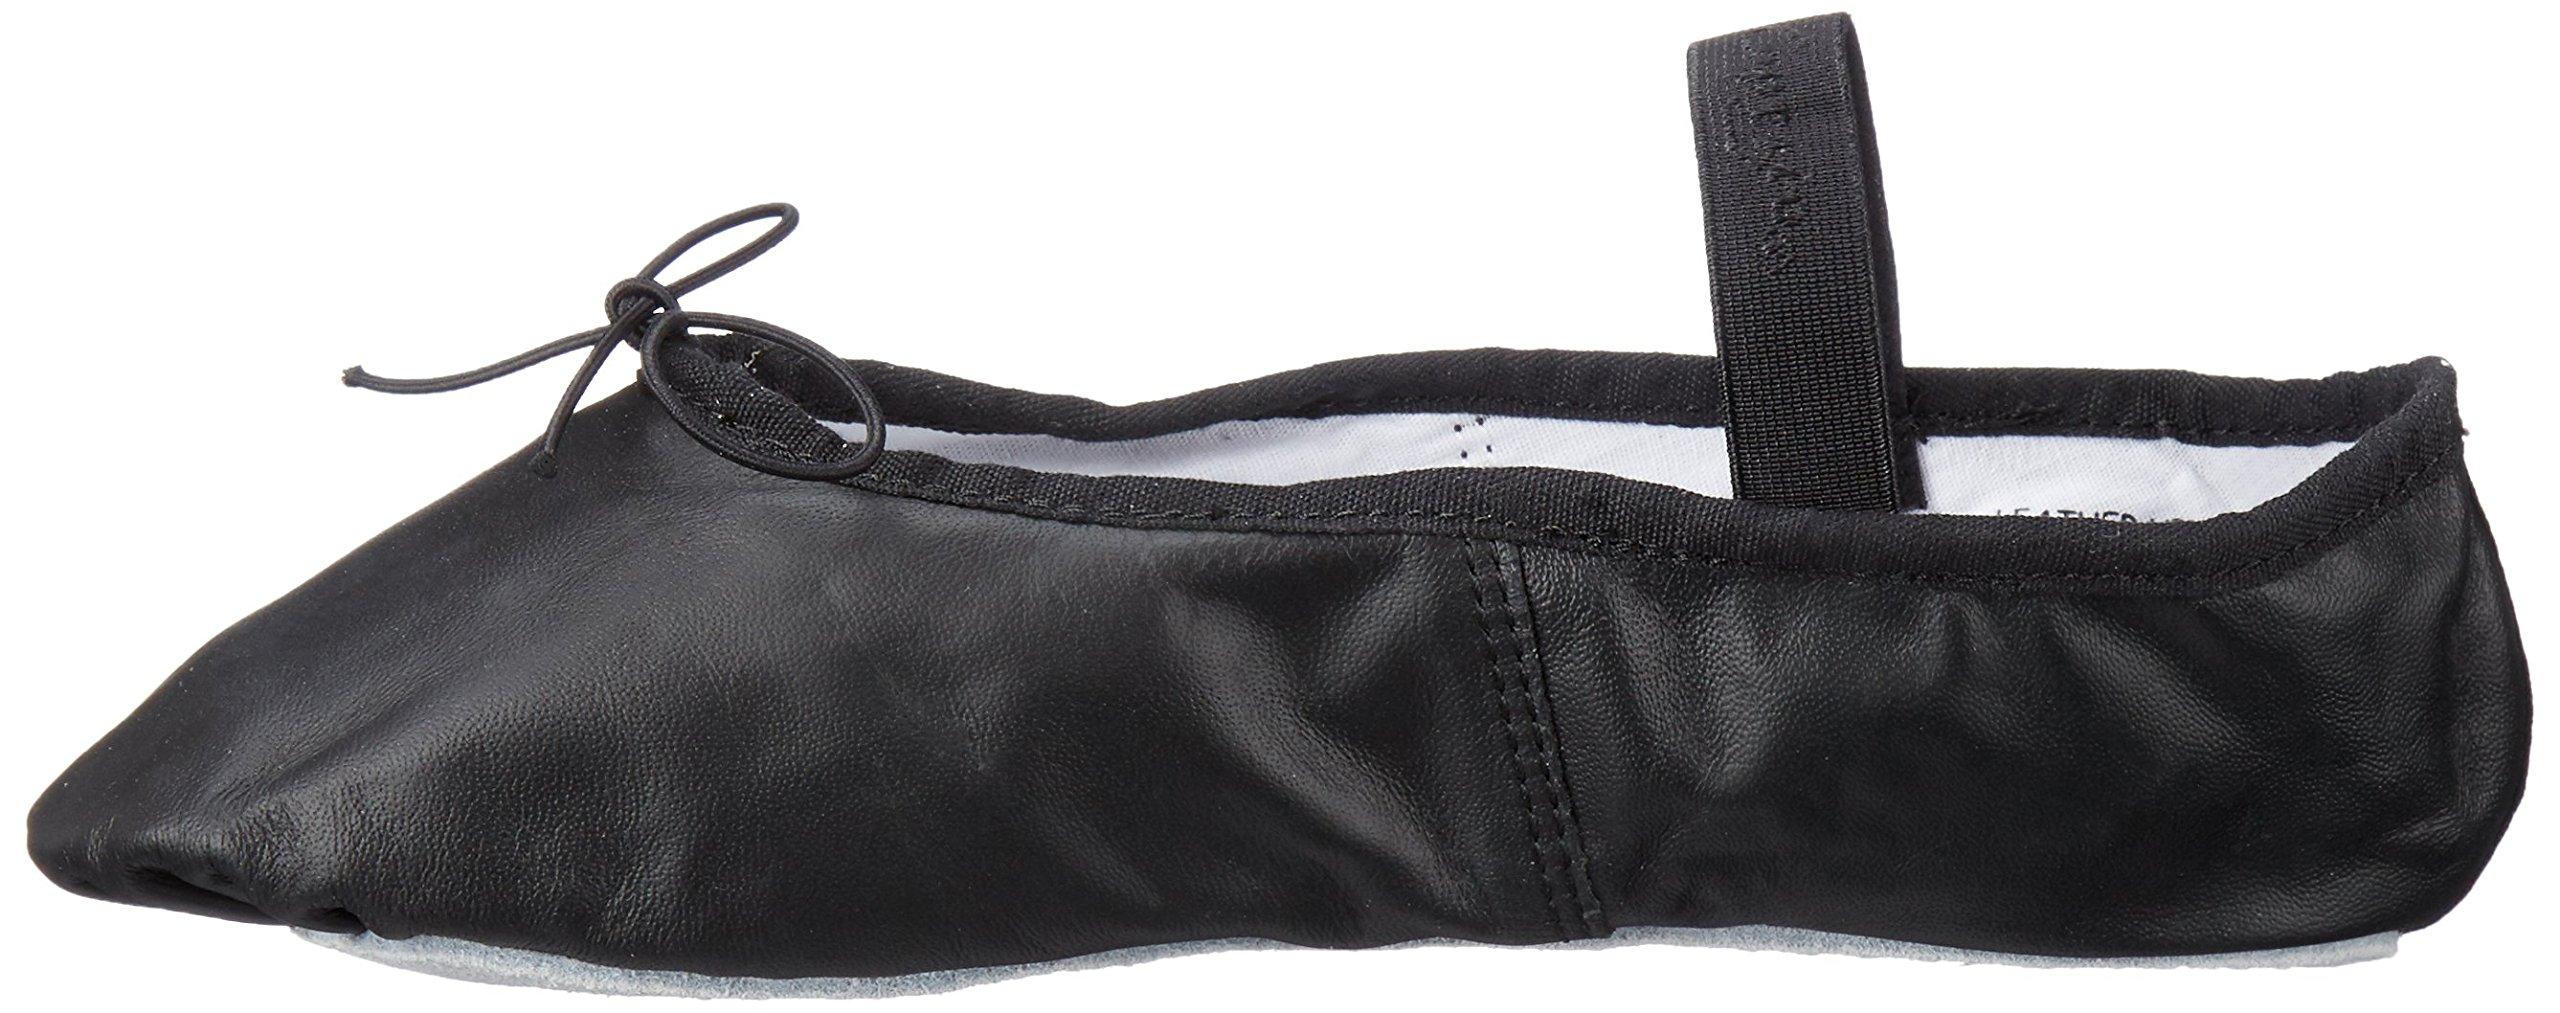 Capezio Daisy 205 Ballet Shoe (Toddler/Little Kid),Black,10 M US Little Kid by Capezio (Image #5)